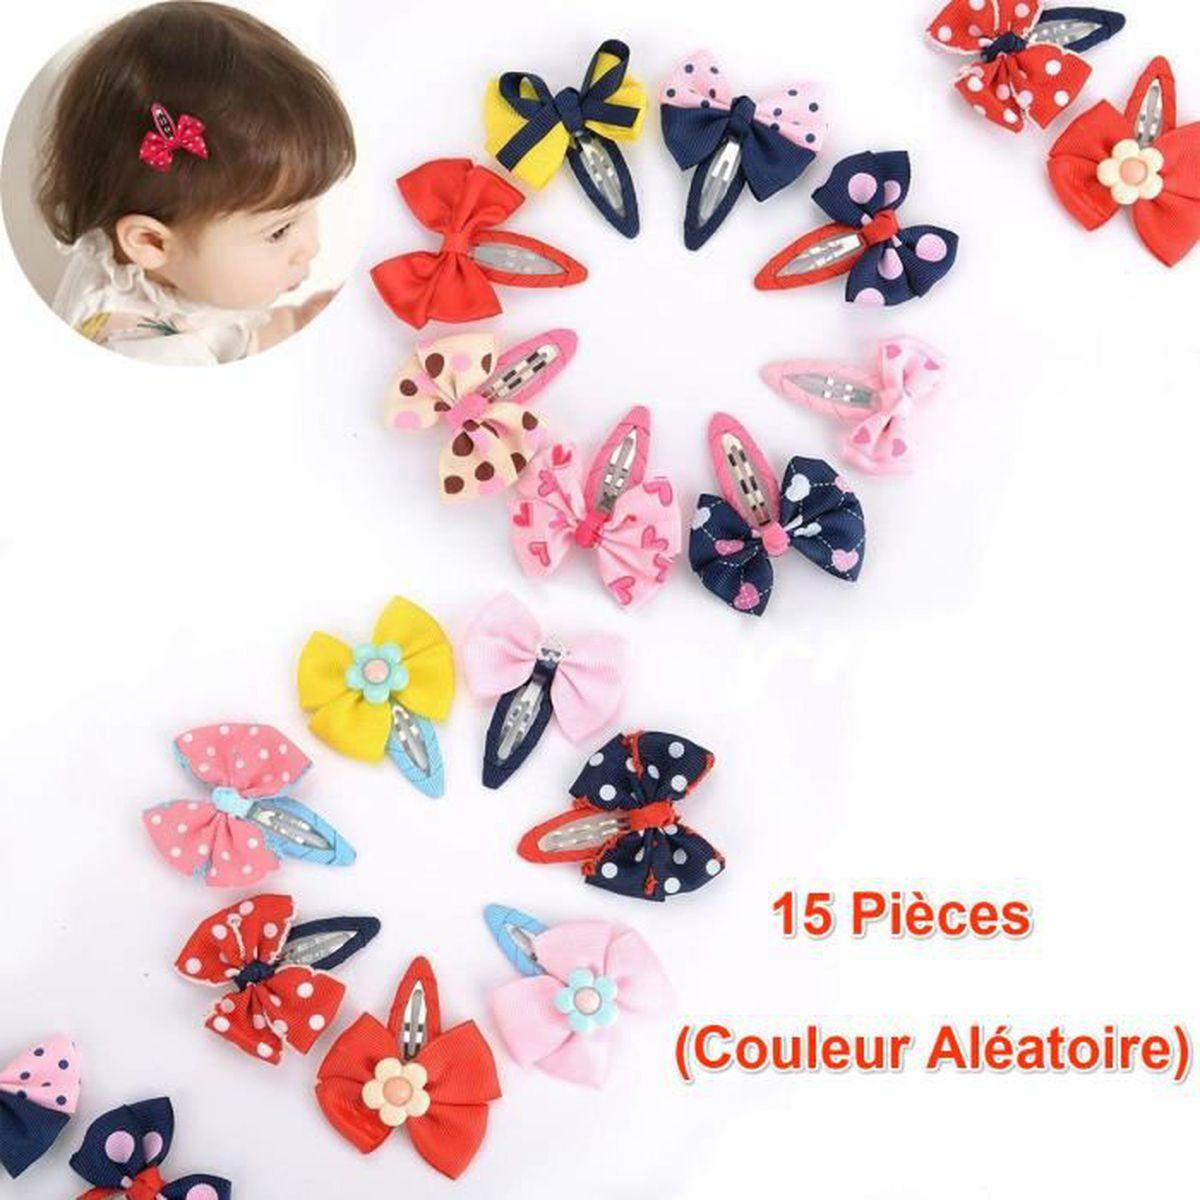 f7c1fcd5f9647 Pince à Cheveux Fille Barrettes Bébé bowknot fleurs motifs Cheveux en  épingle accessoire cheveux -15 Pièces (Couleur Aléatoire)